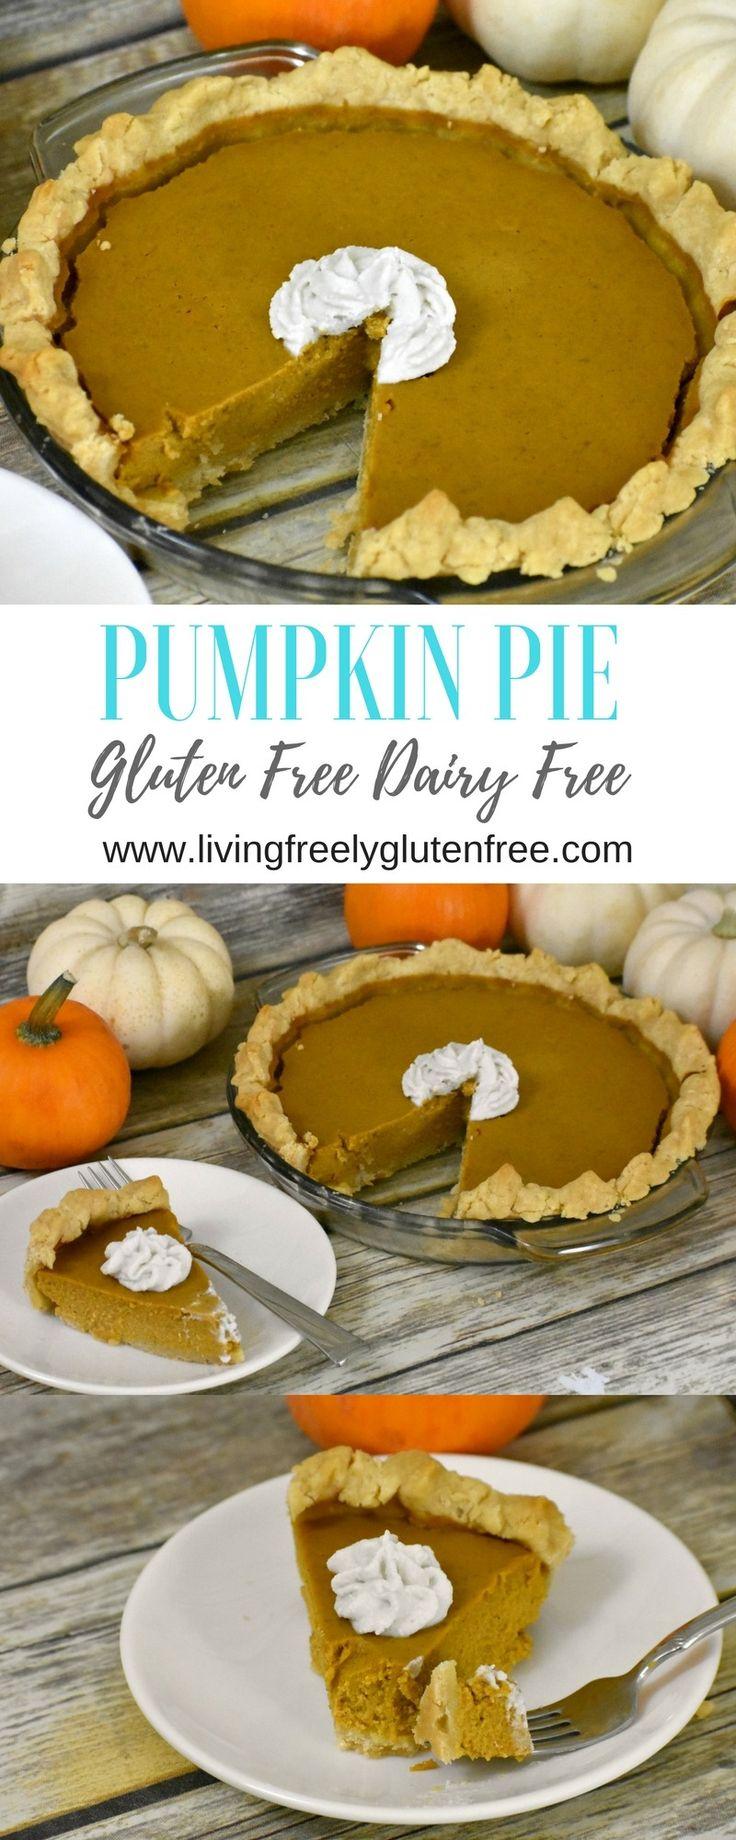 Pumpkin Pie- Gluten Free & Dairy Free – Living Freely Gluten Free. This easy glu…